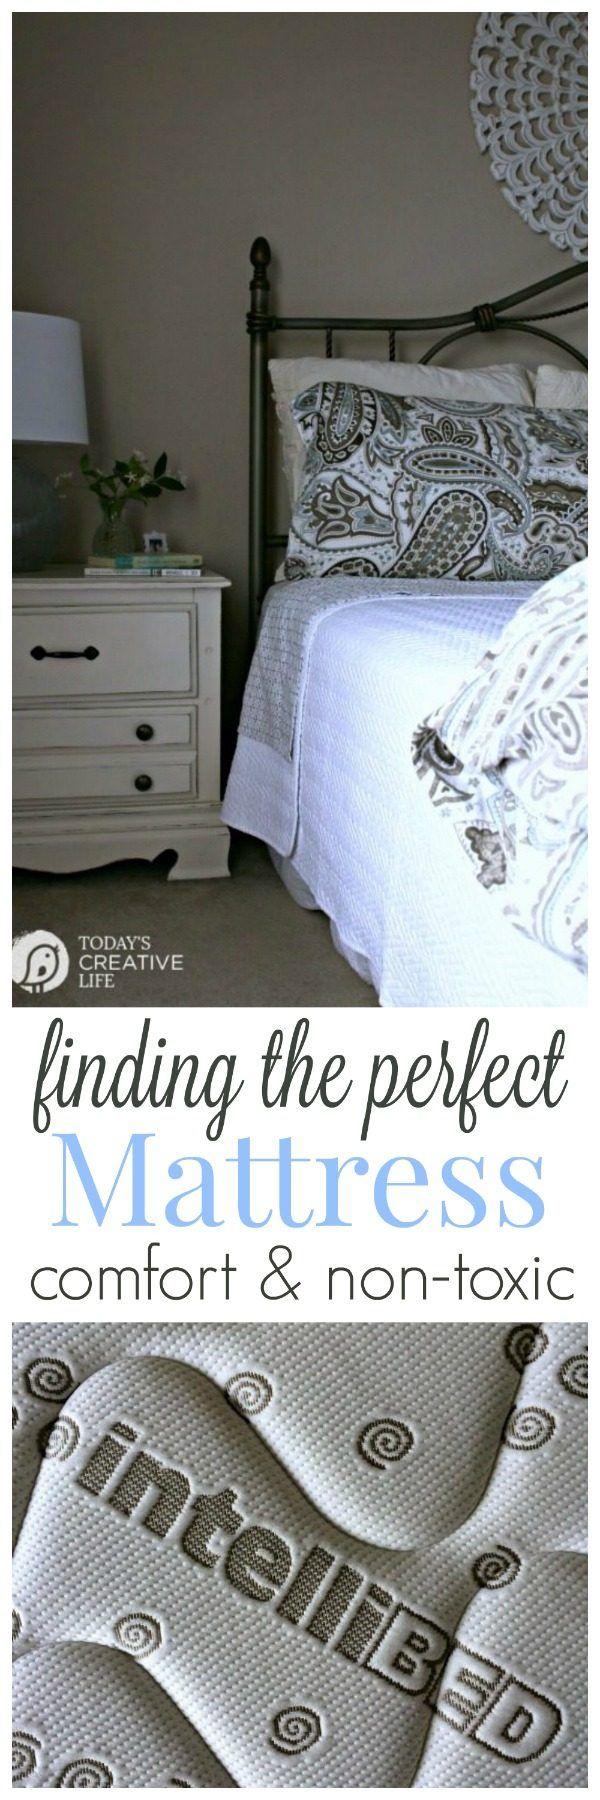 The Best Mattress